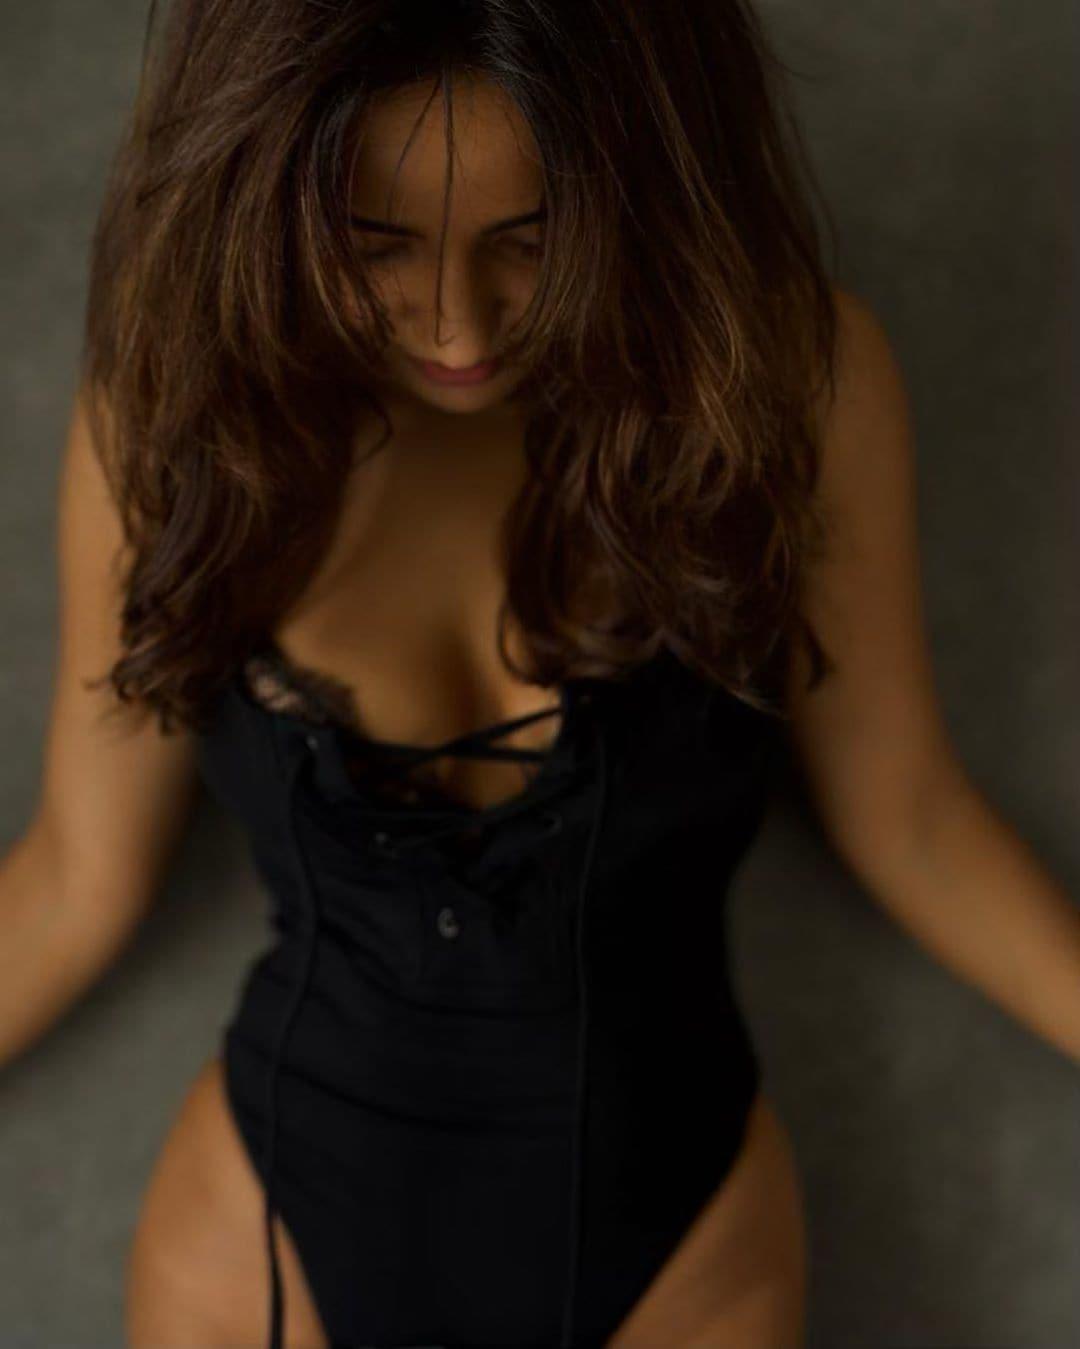 याआधीही सोशल मीडियावर तिचे हॉट फोटो व्हायरल झाले आहेत. (फोटो सौजन्य- इन्स्टाग्राम/नेहा शर्मा)